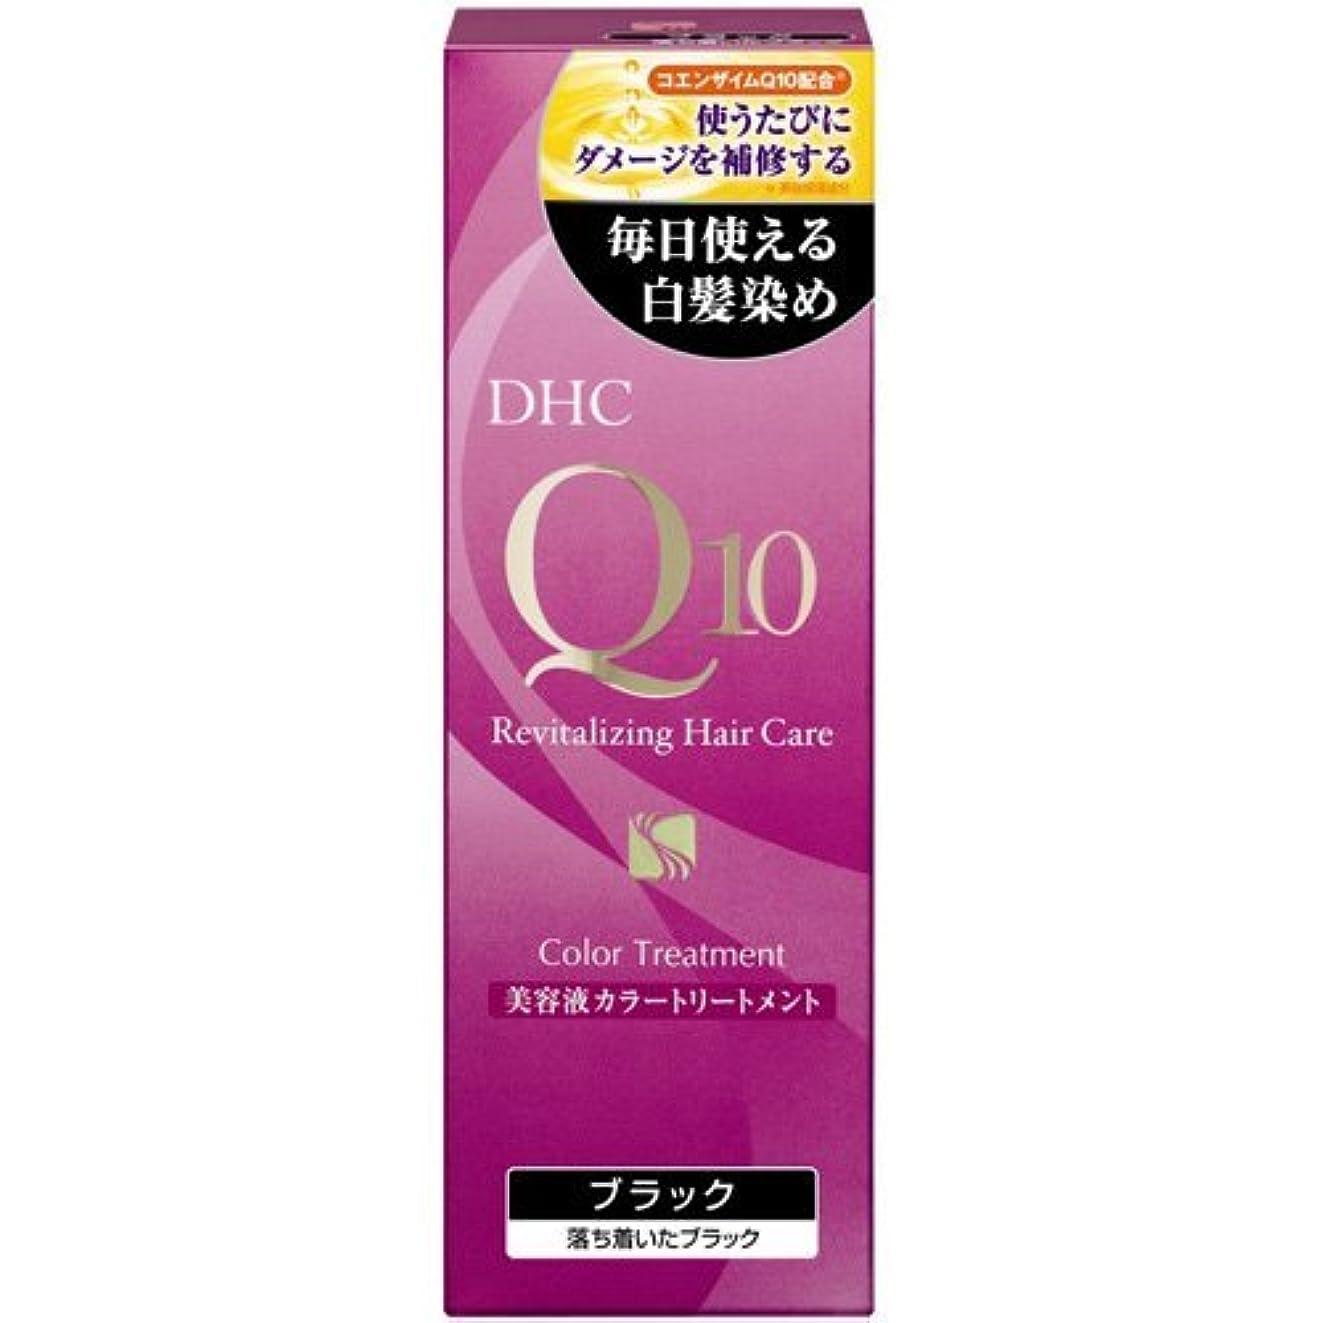 市場遅滞不測の事態【まとめ買い】DHC Q10美溶液カラートリートメントブラックSS170g ×10個